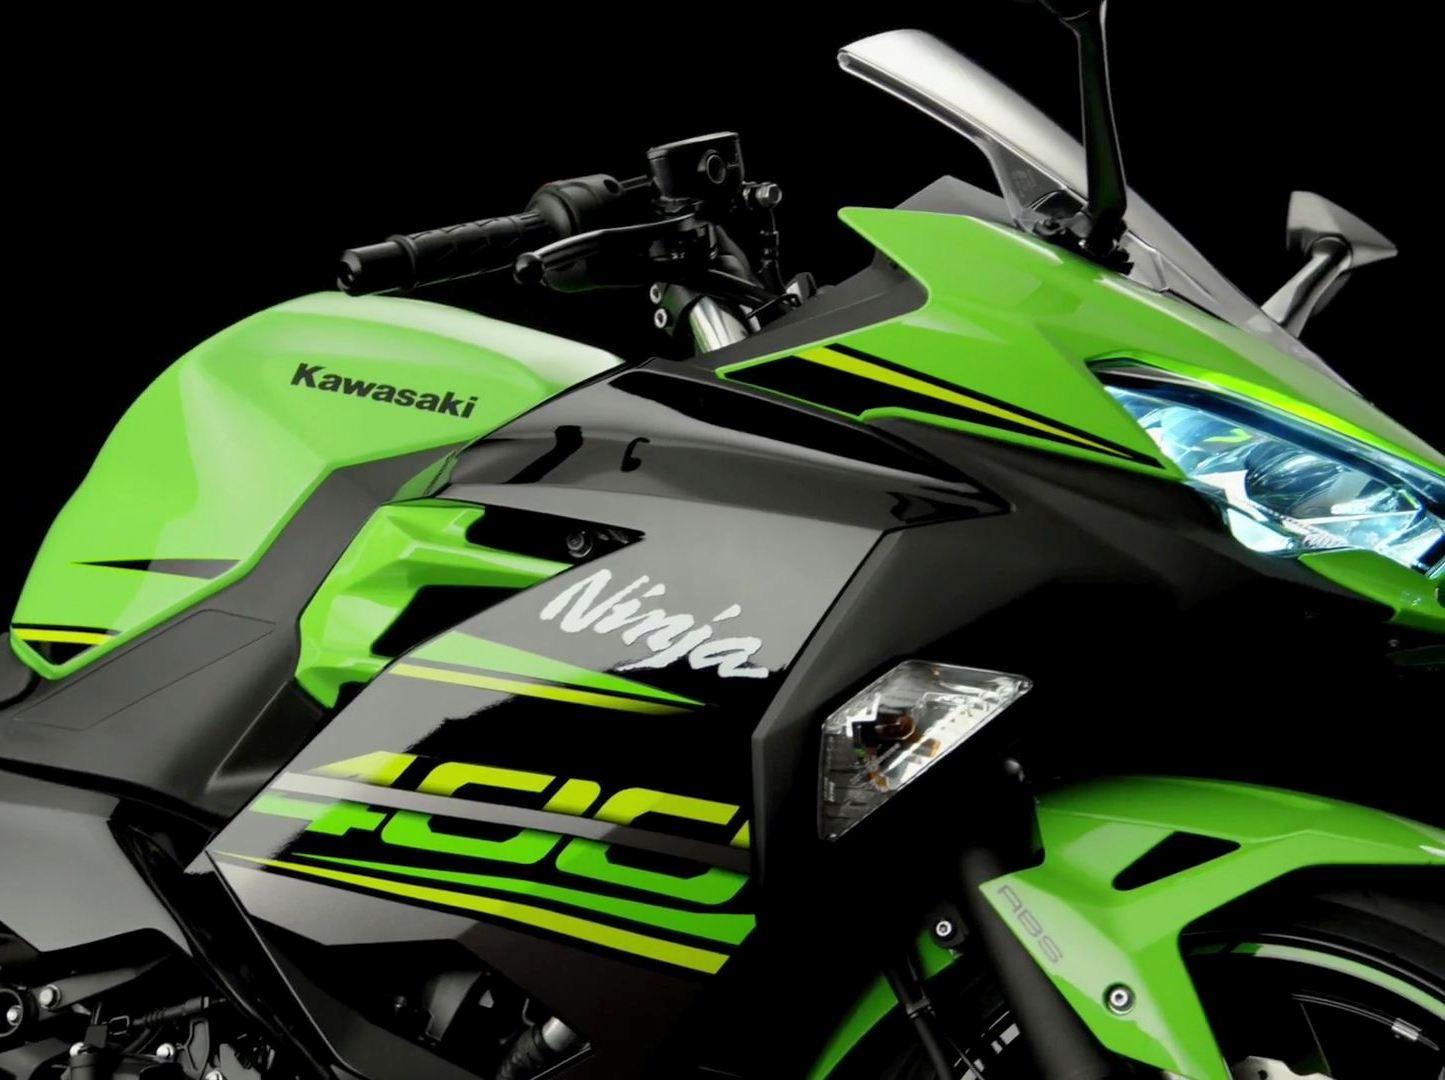 Kawasaki akan gantikan Ninja 300 Fi dengan New Ninja 400 mulai tahun 2018 mendatang